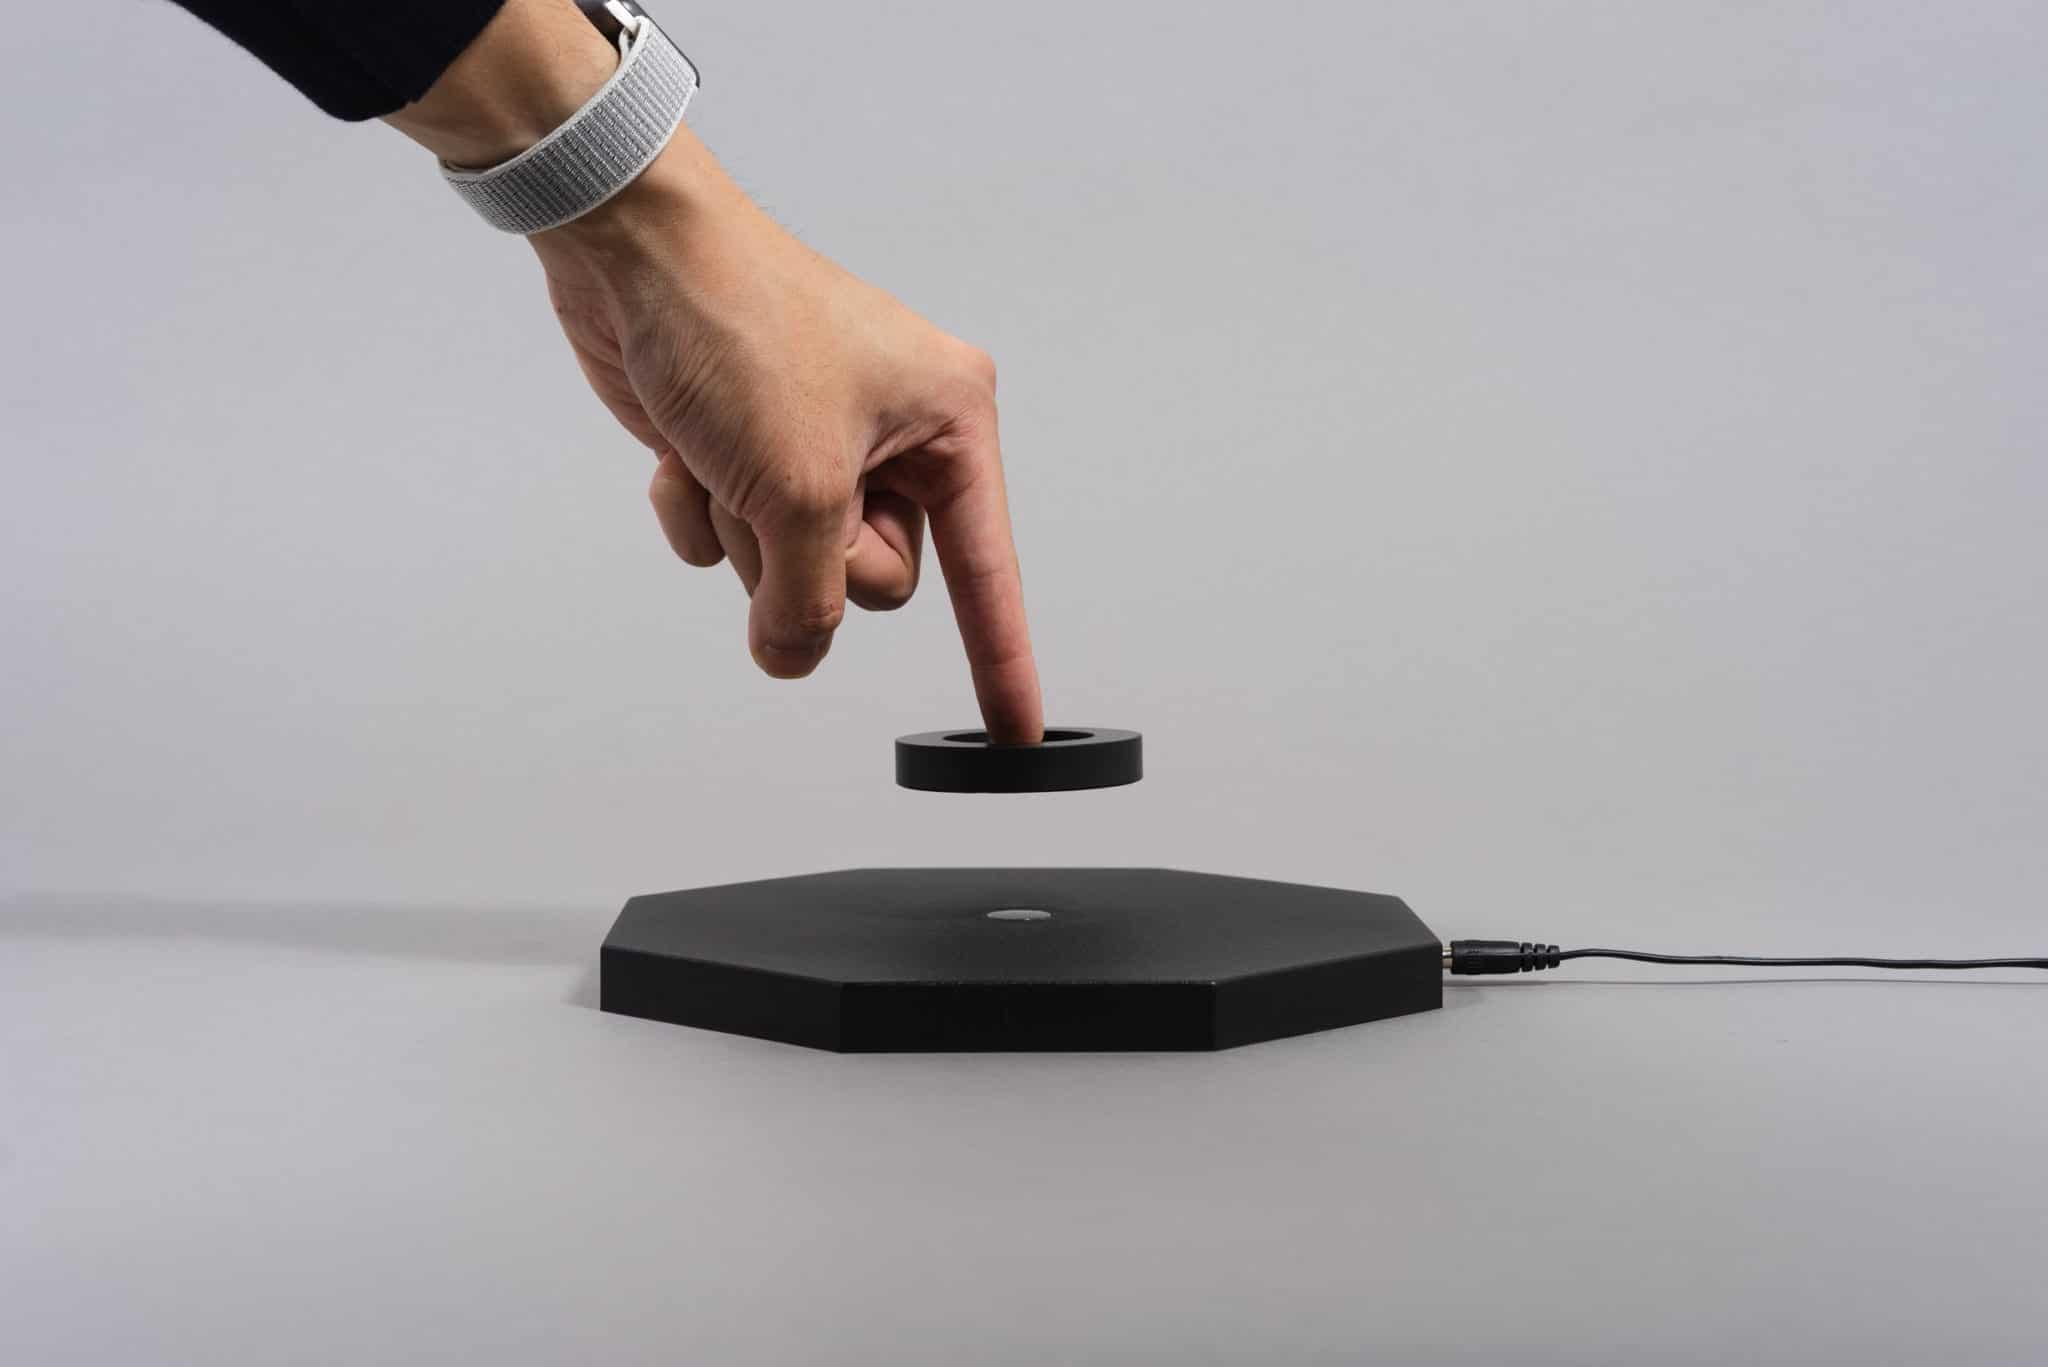 crealev floating levitation technology